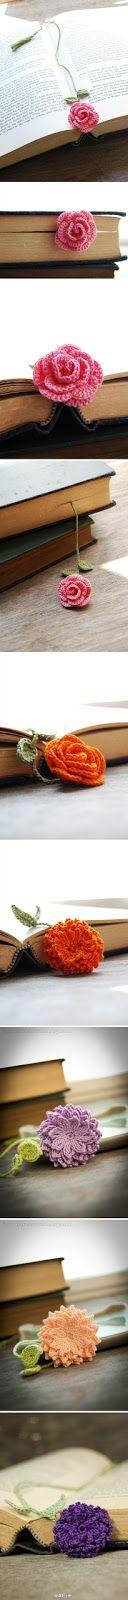 Oi gurias!  Confiram algumas sugestões para presentear a mamy poderosa no dia dela!!!  Marcadores de livros de crochê ou bookmark!!!!!  Com ...